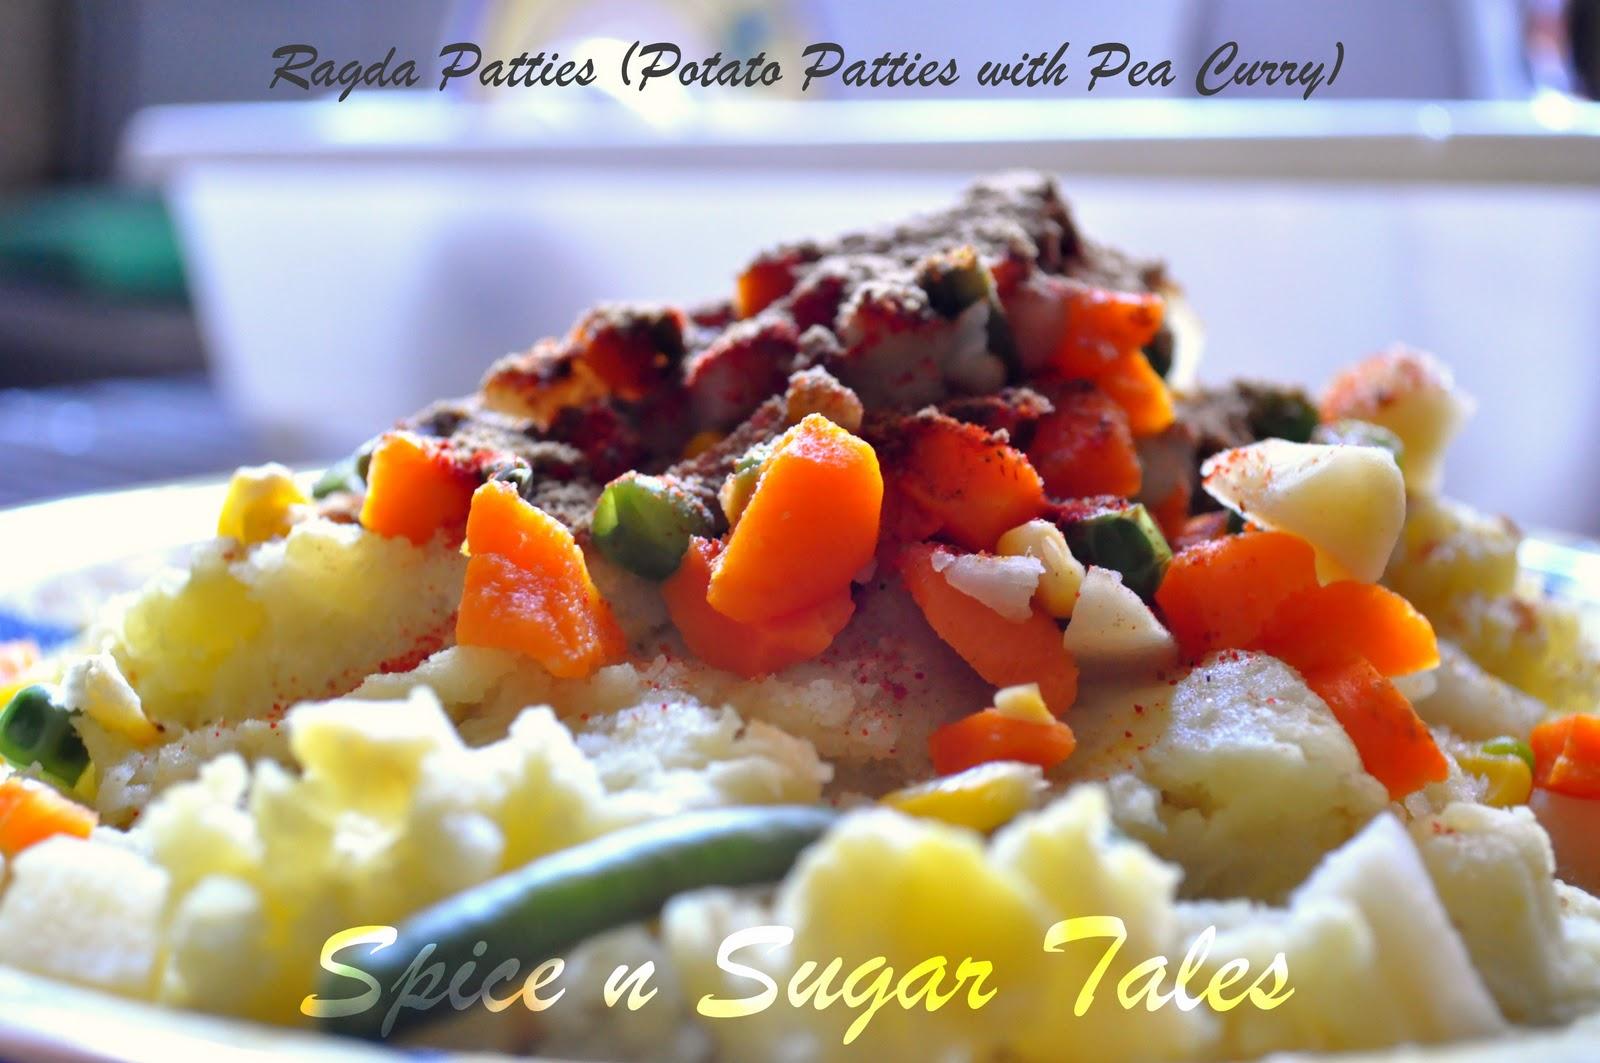 Spice n Sugar Tales: Ragda Patties/ Aloo Tikki Matar Chaat